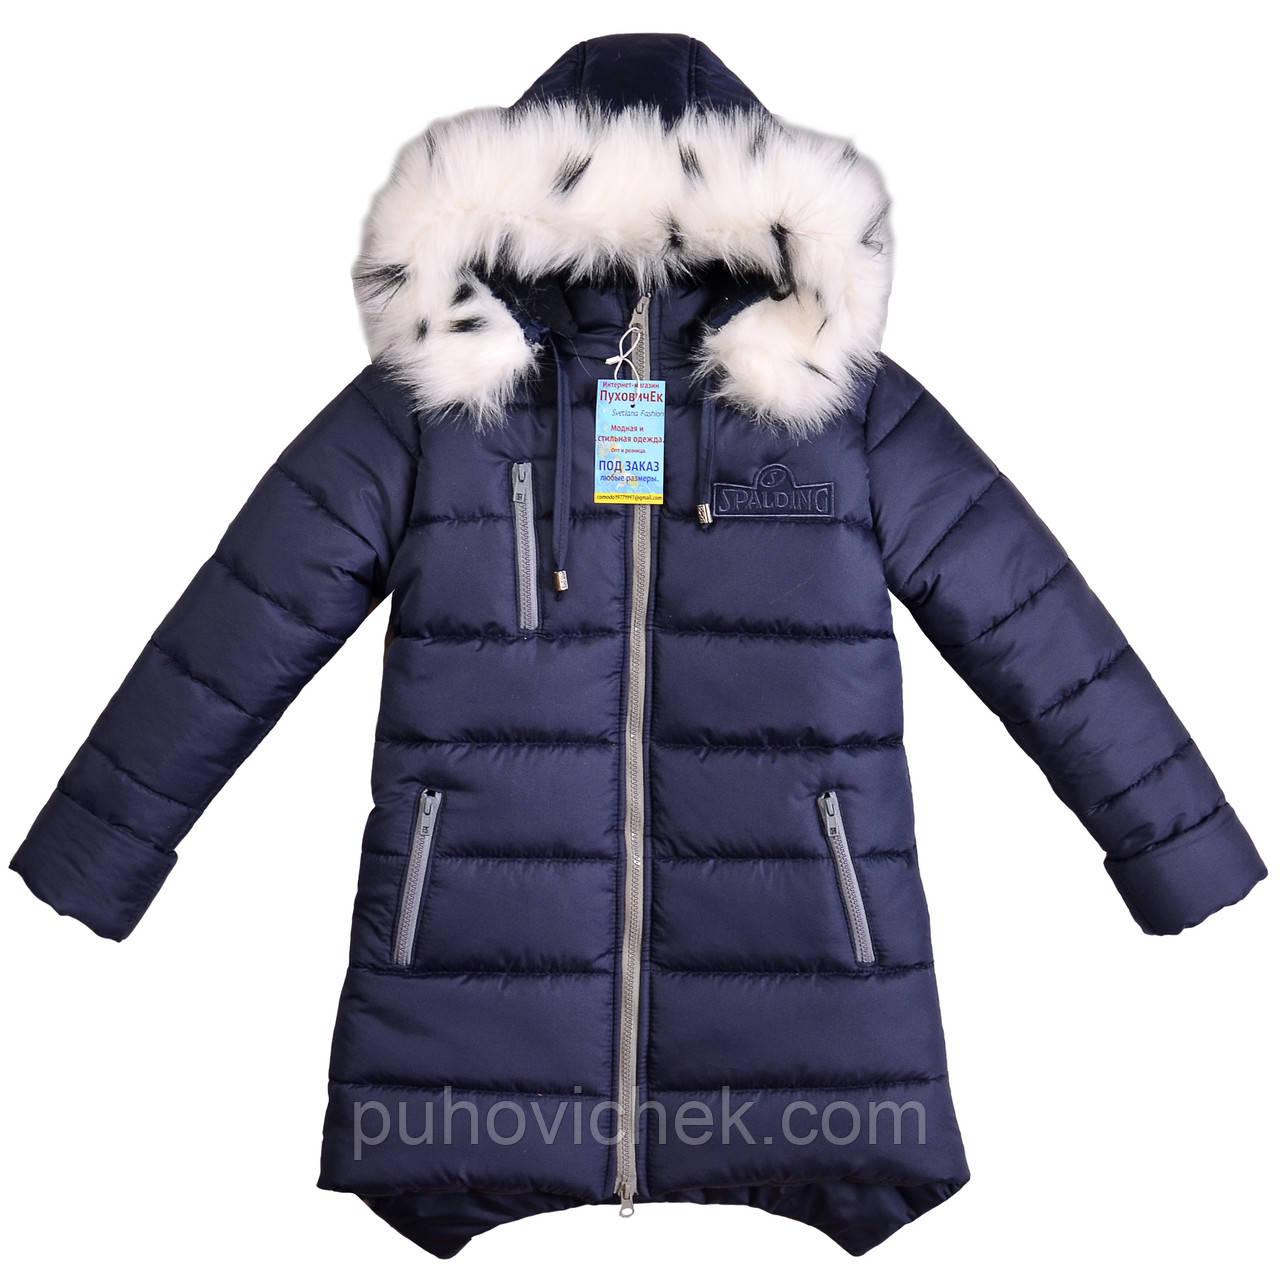 e3d53105cd0 Зимние детские куртки парки для девочек купить недорого интернет ...